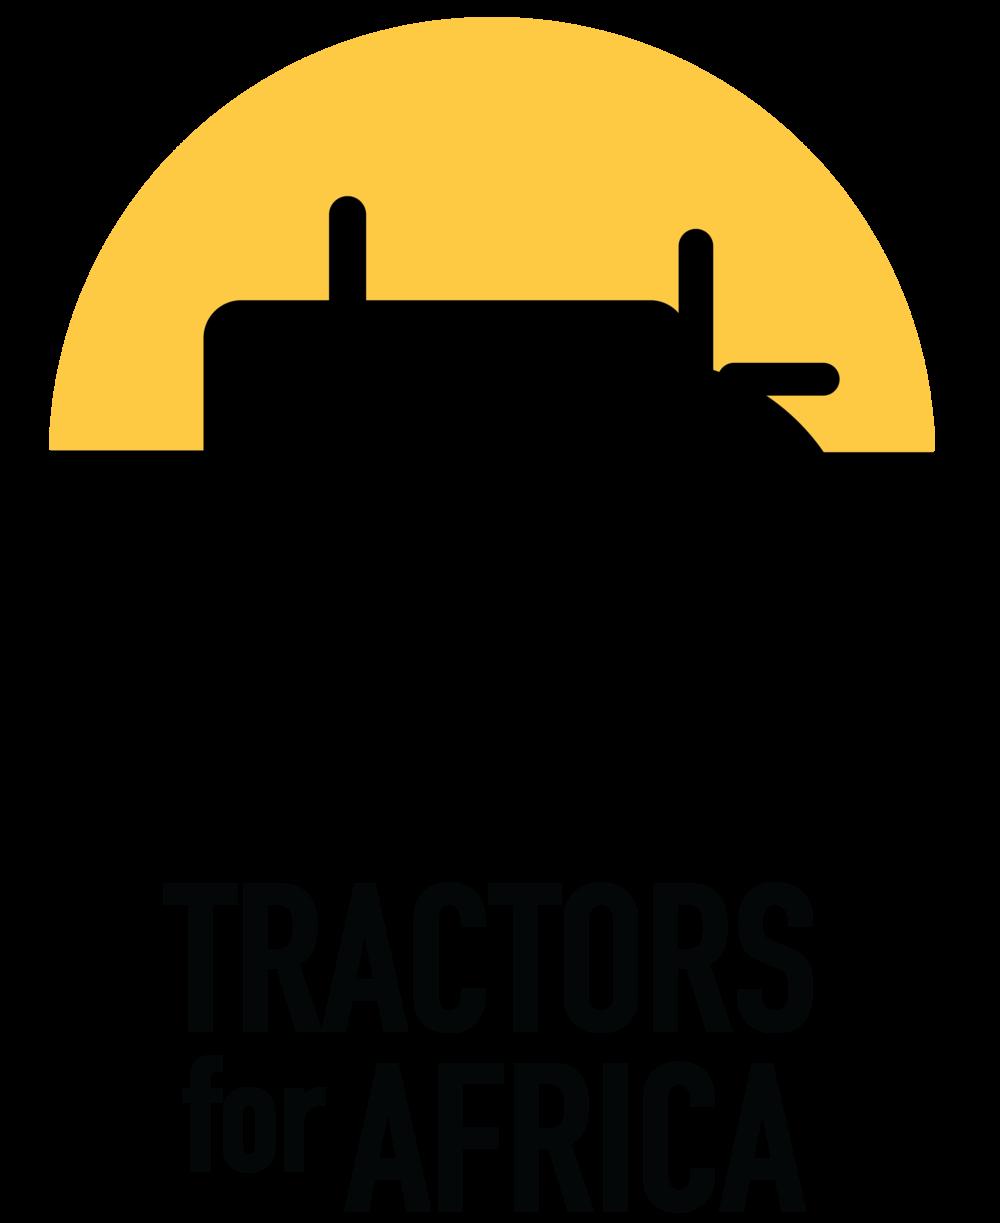 TractorsForAfrica-01.png